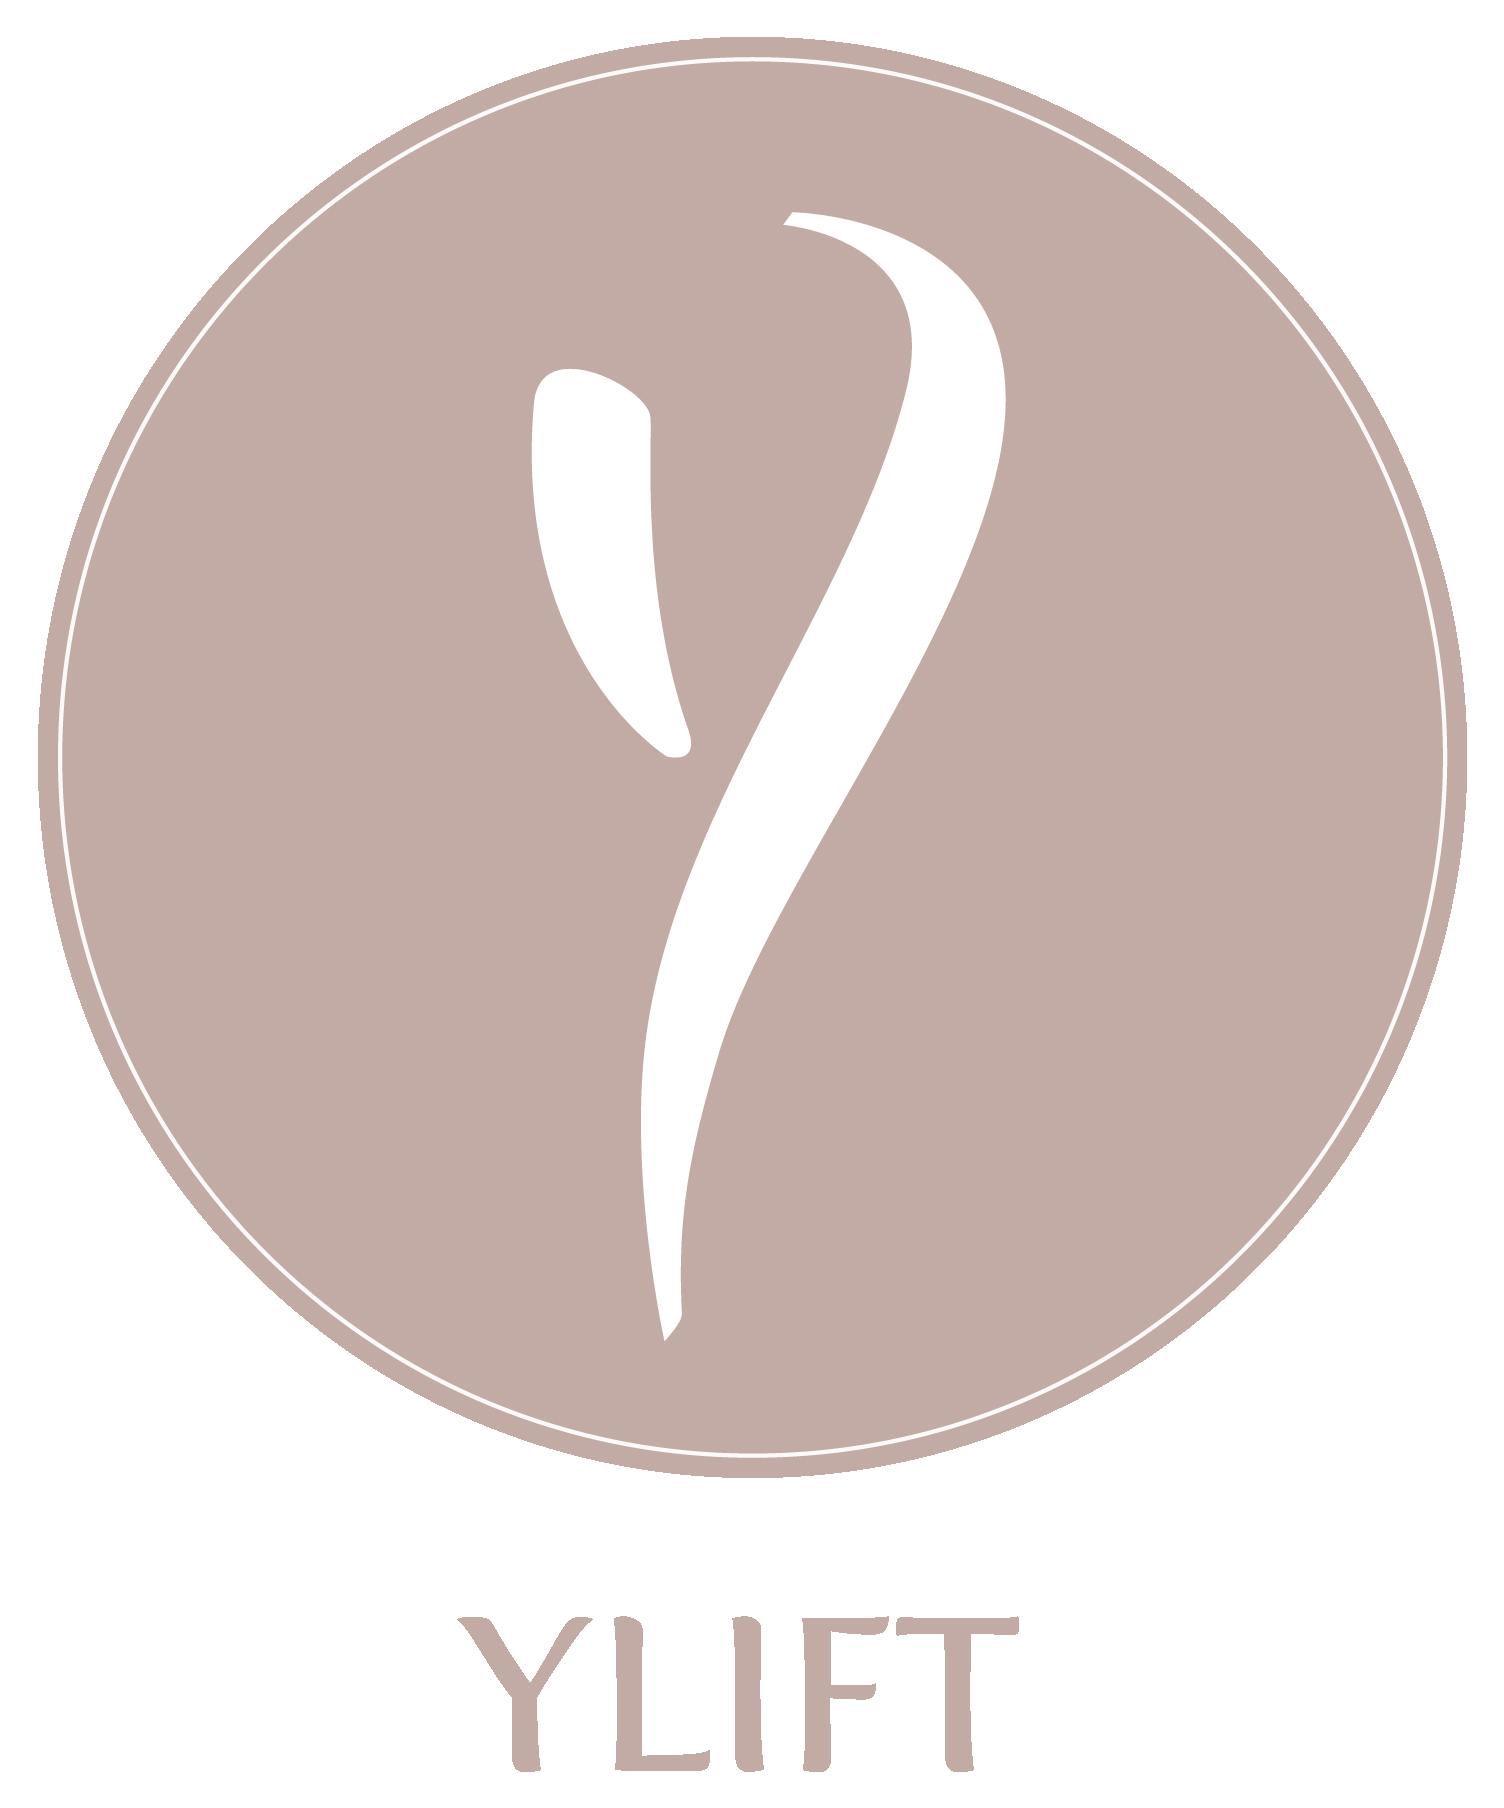 Y Lift logo